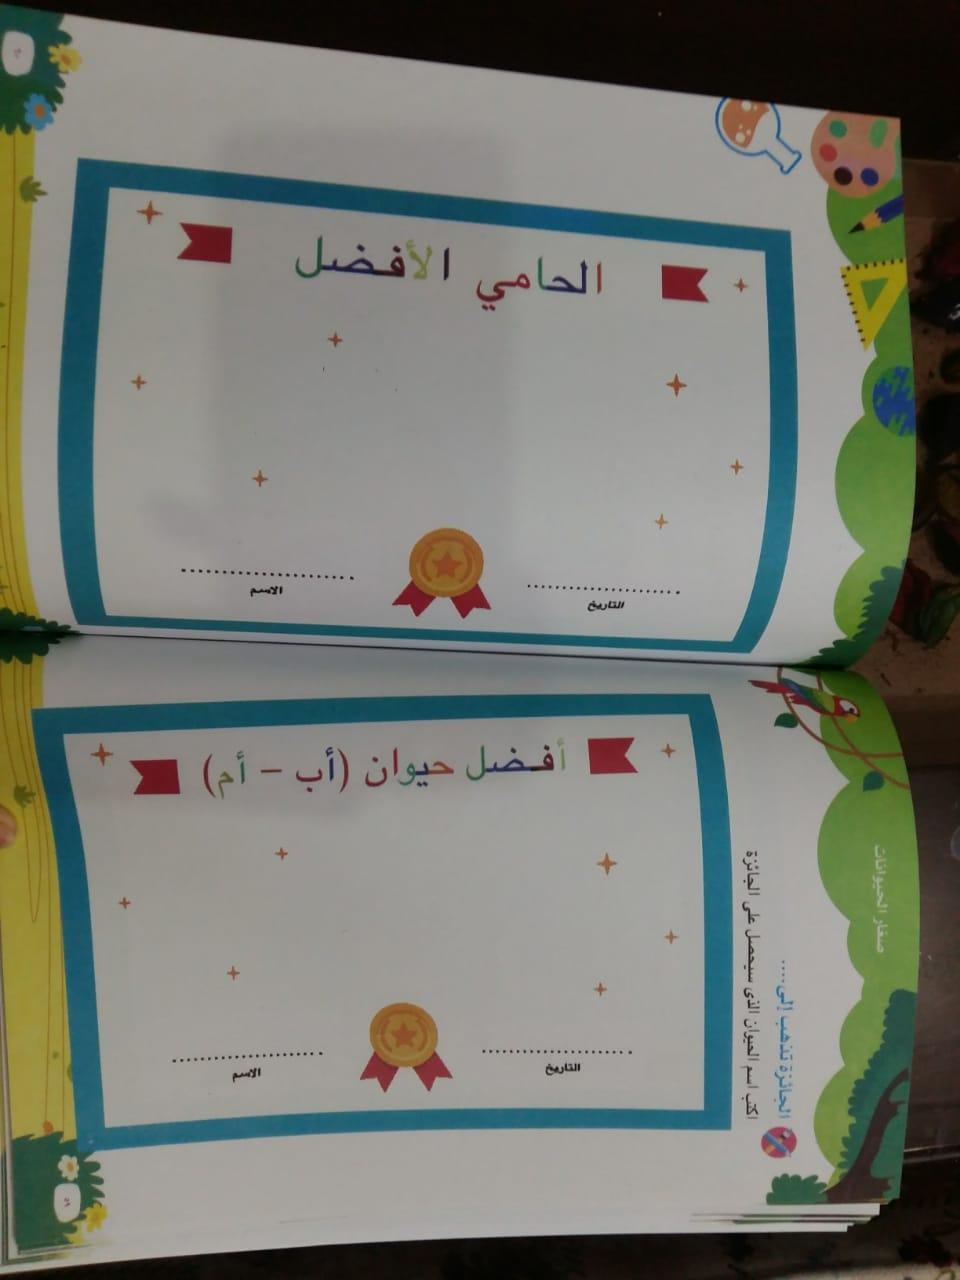 منهج رياض الأطفال الجديد (41)